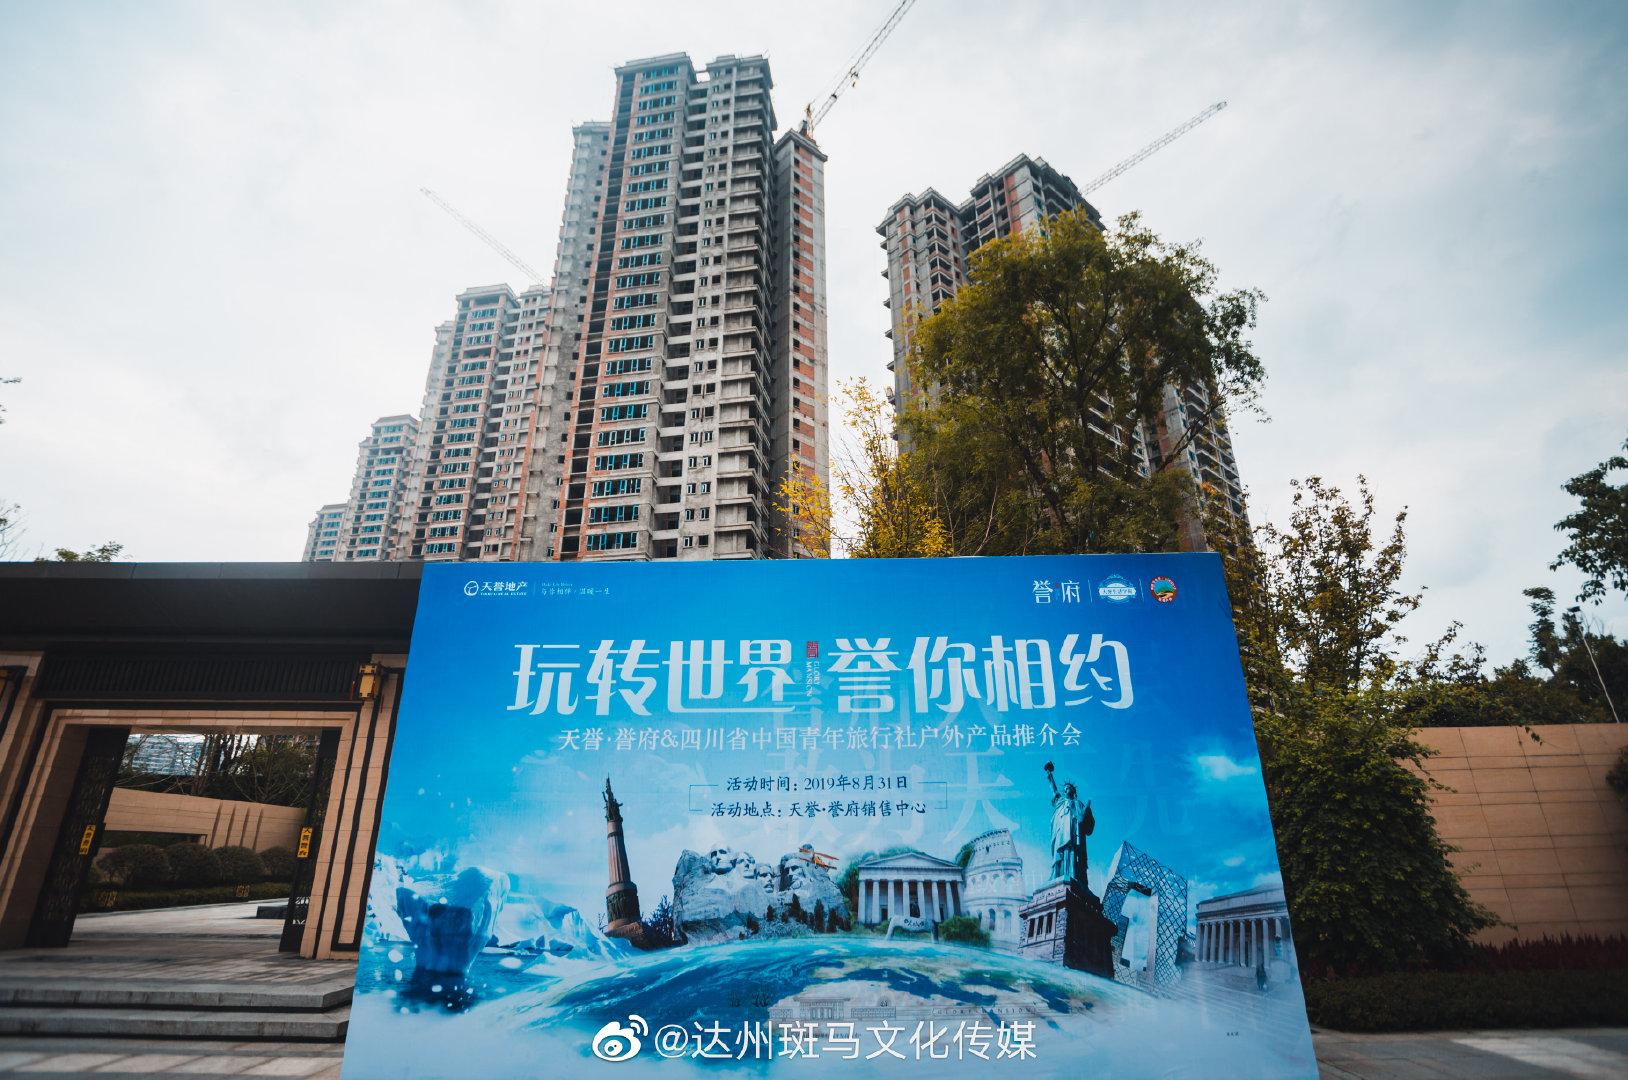 天誉誉府&中国青年旅行社讲座